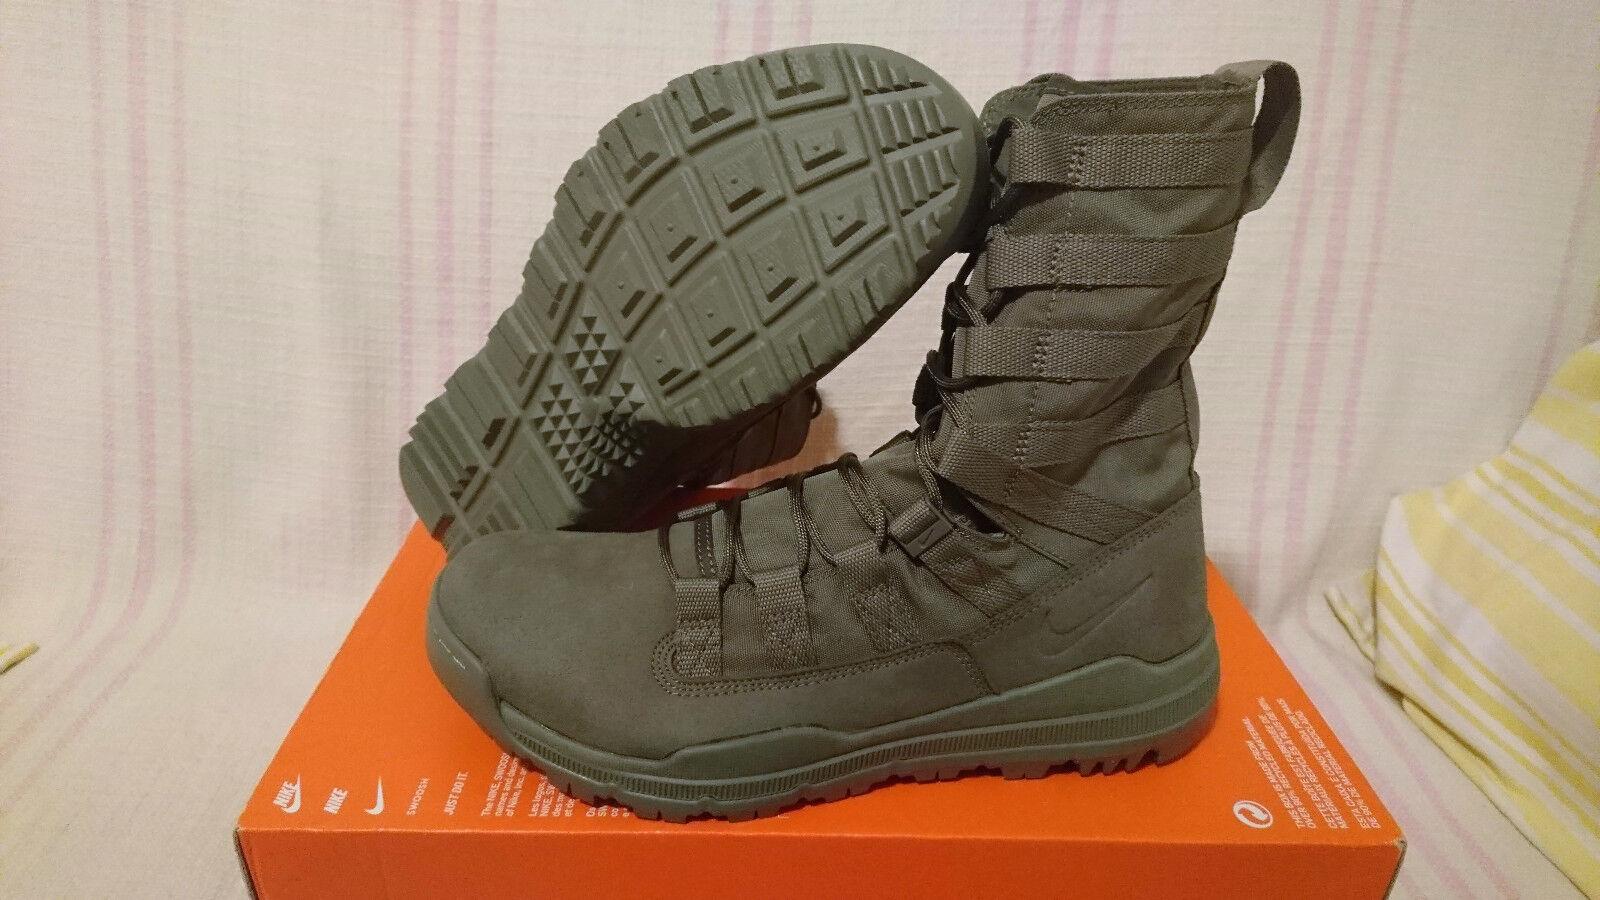 Nike filiale sfb gen 2 8 specialità stivali verde militare 922474 200 numero 10)